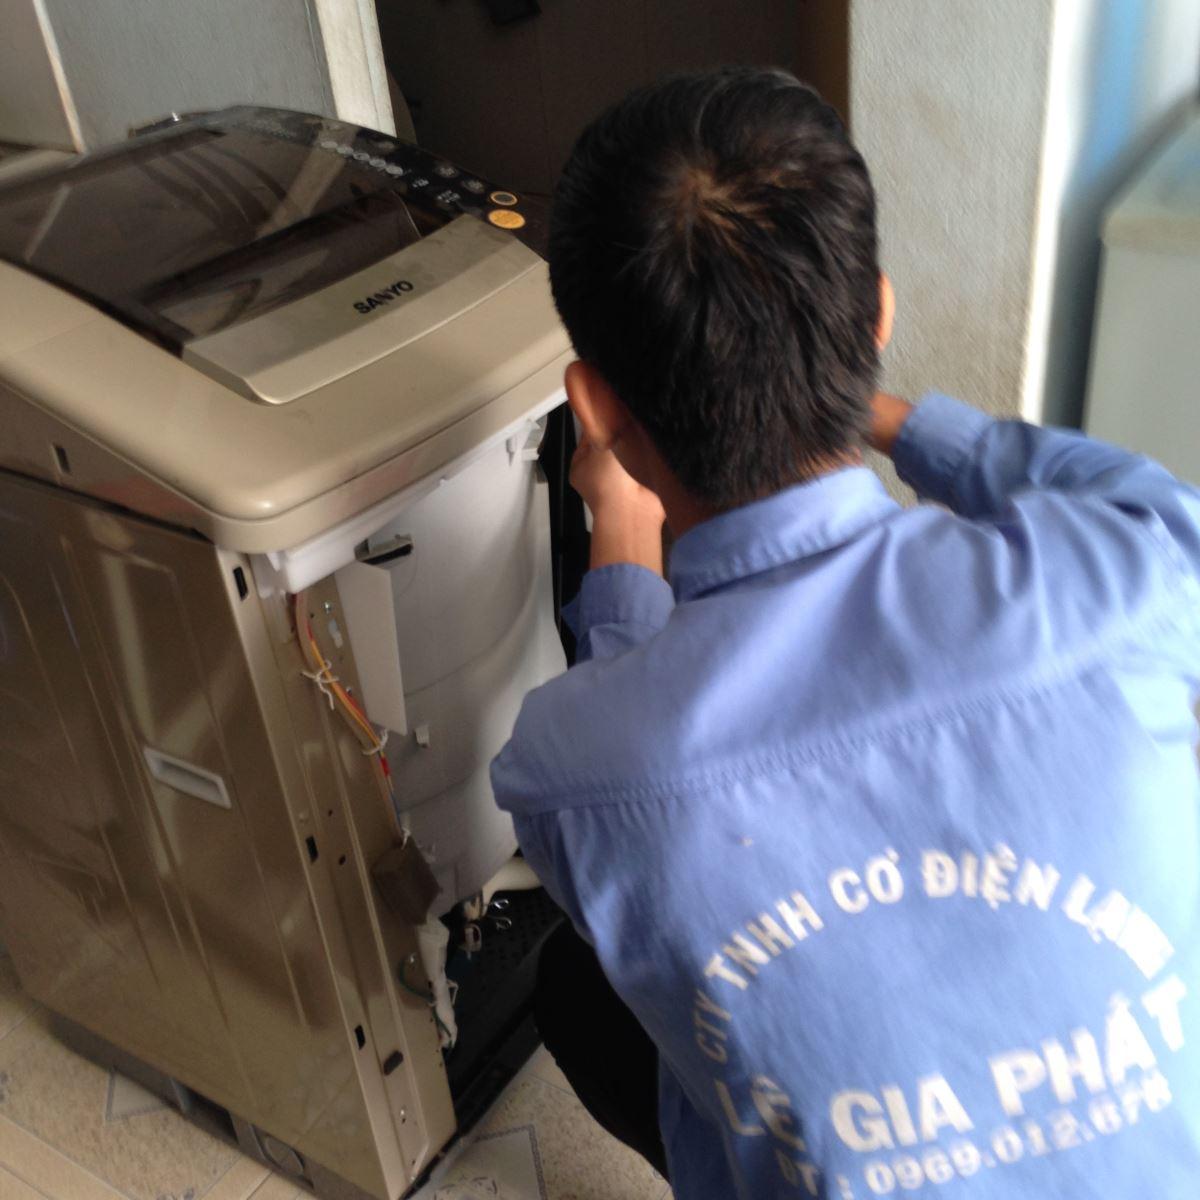 Sửa máy giặt tại Dĩ An Bình Dương